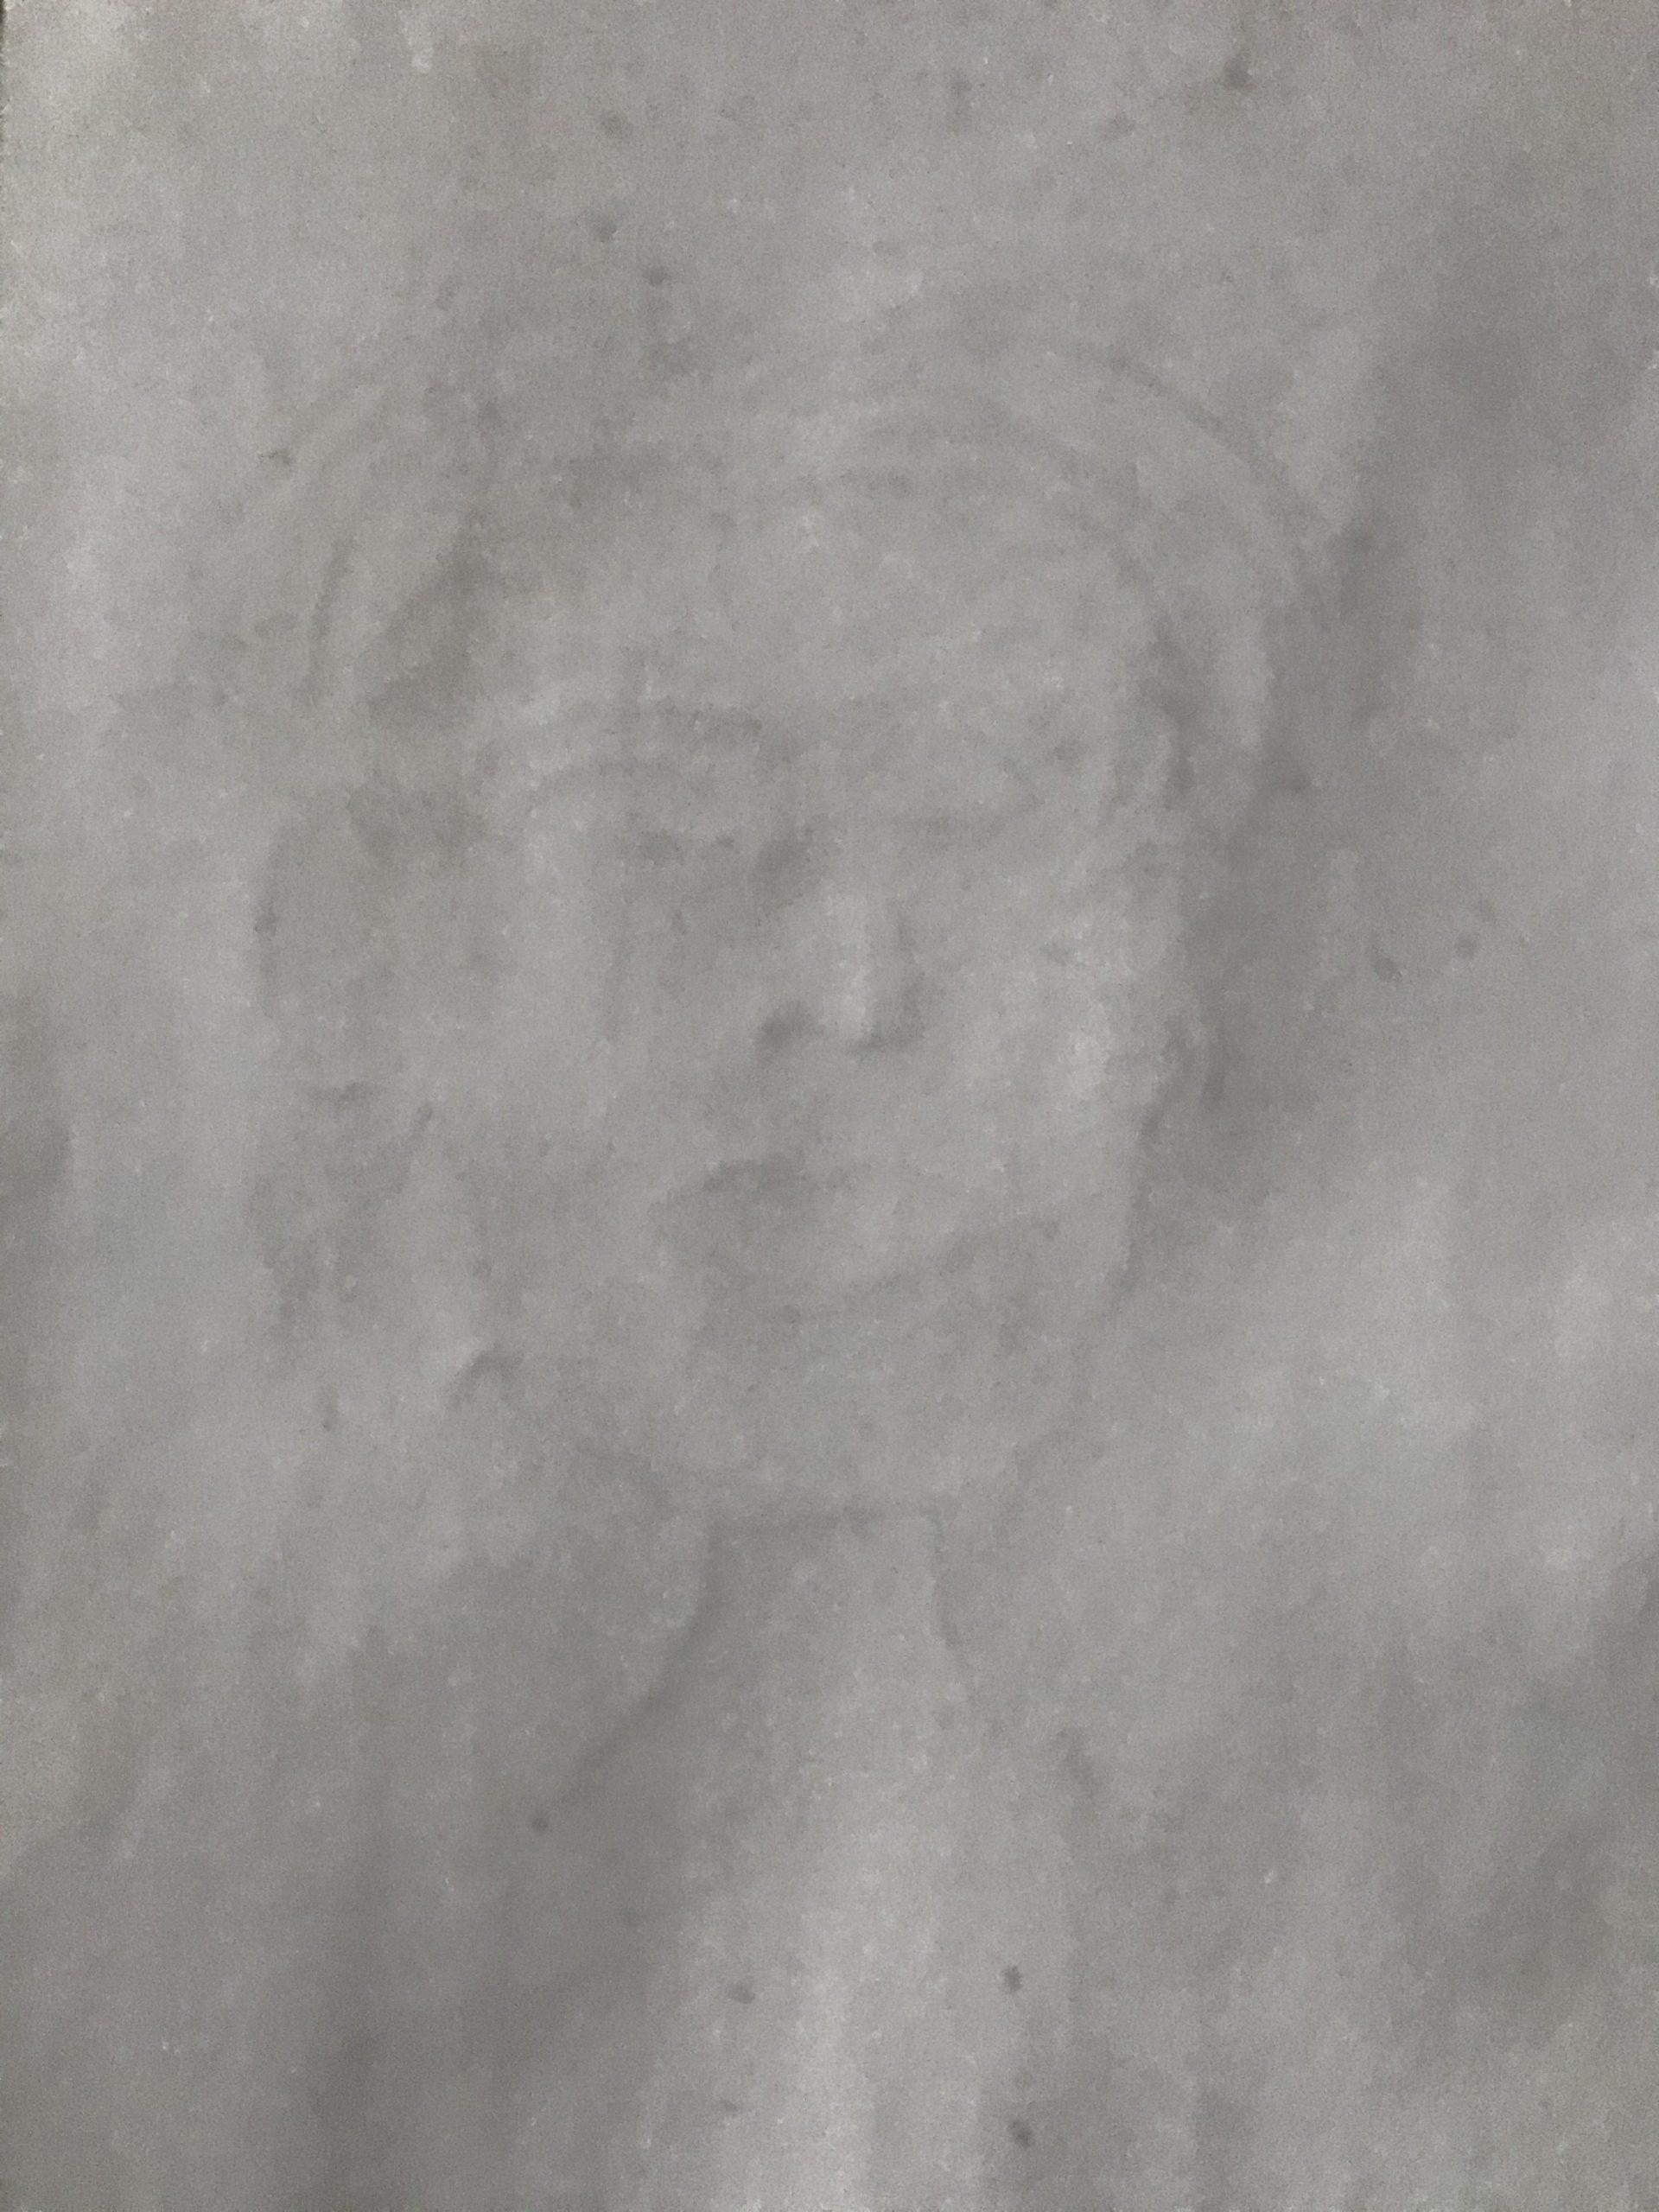 Self-portrait Lynne Hanley mercifully erased